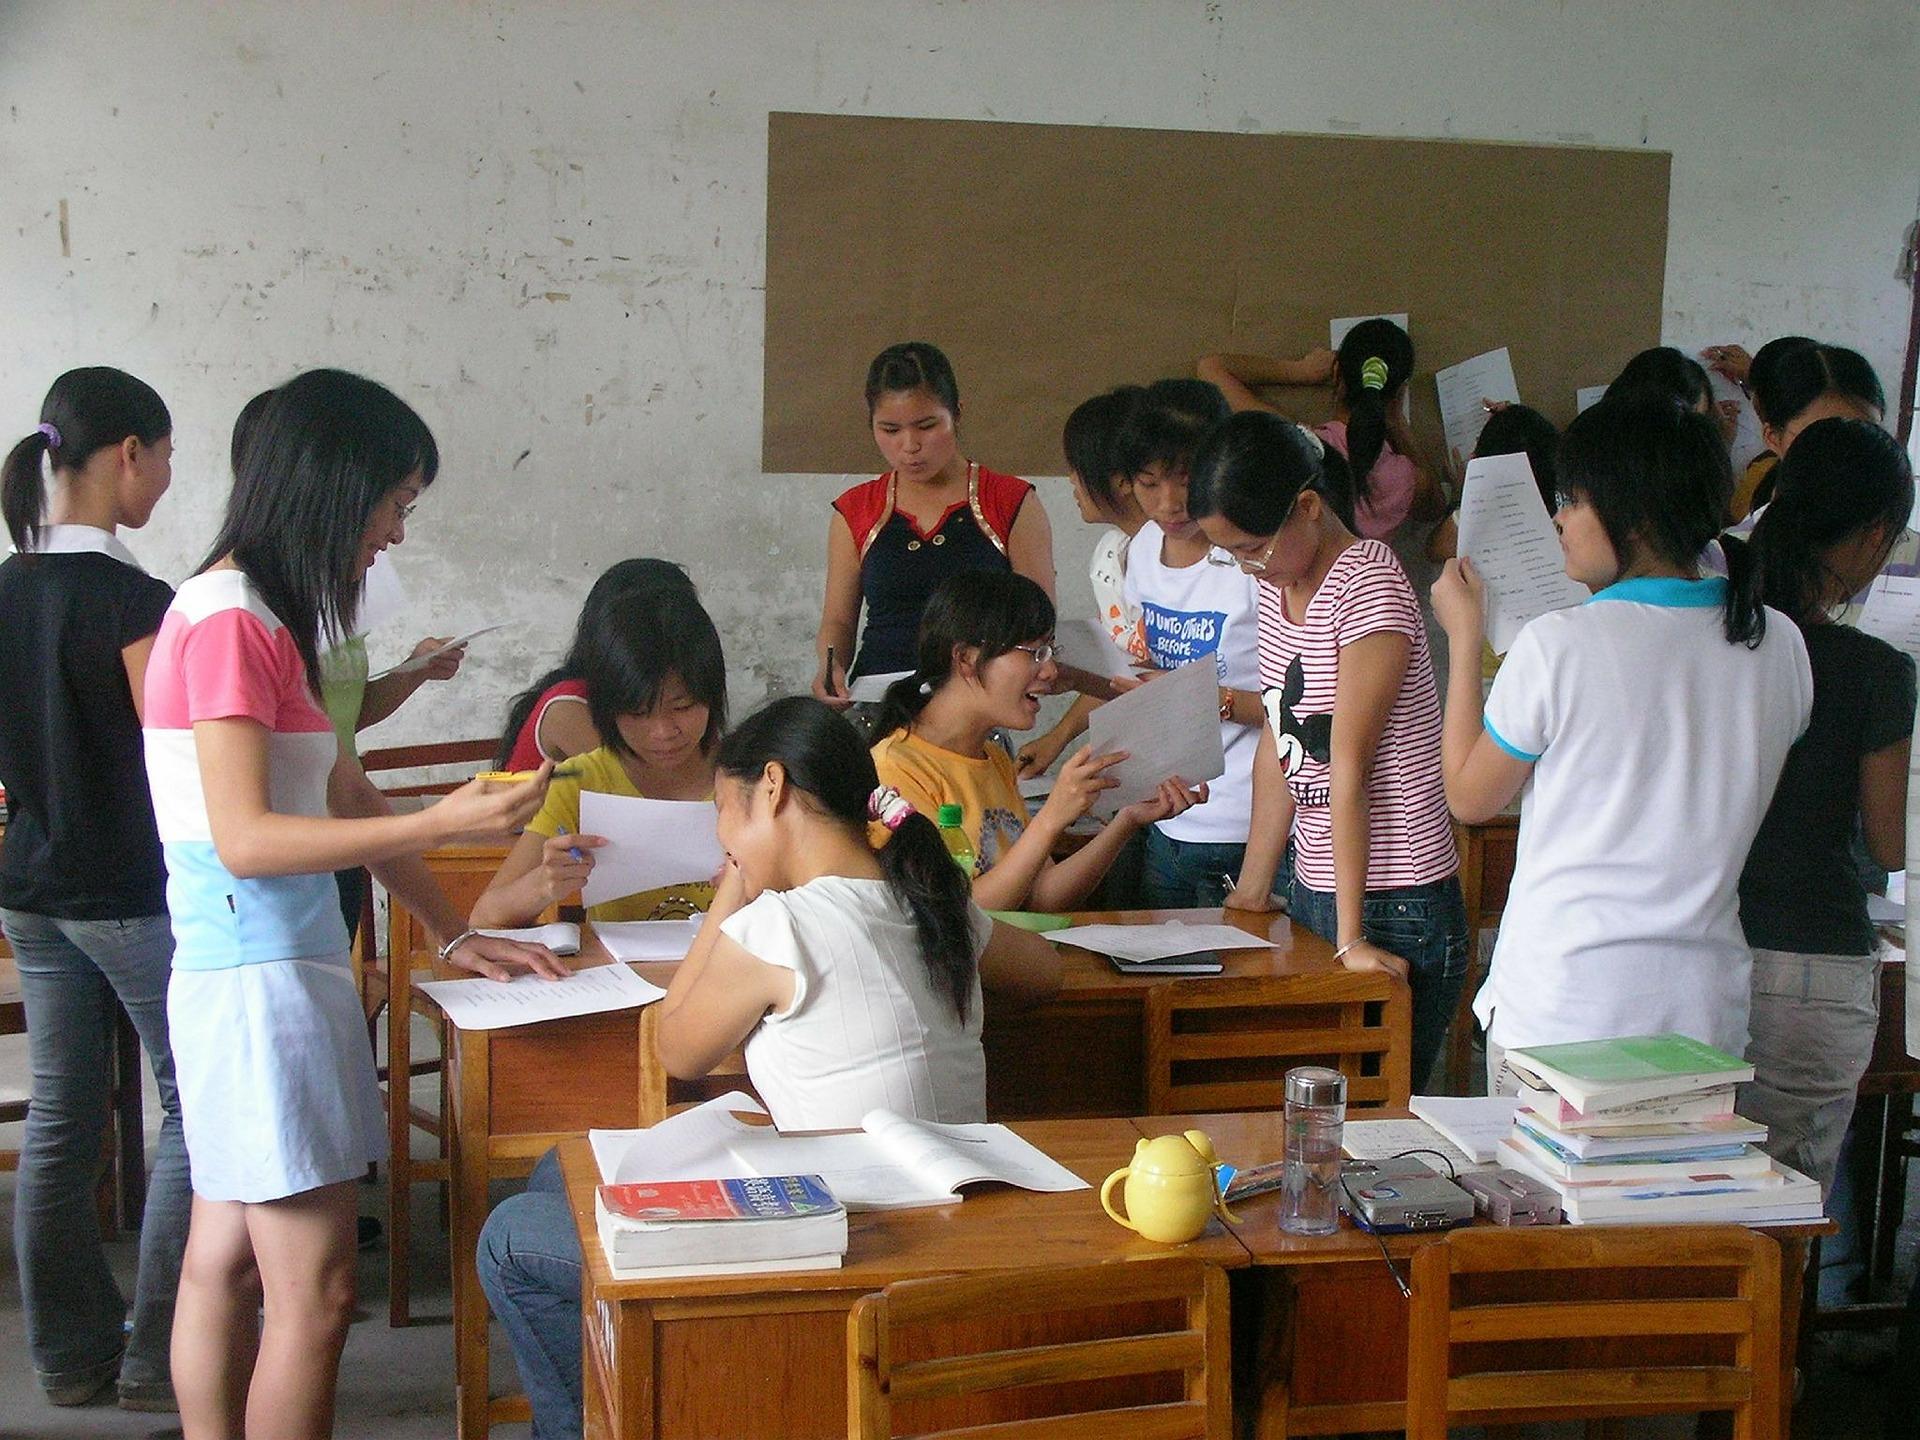 class 302116 1920 - ¿Cuáles son los métodos educativos más populares?